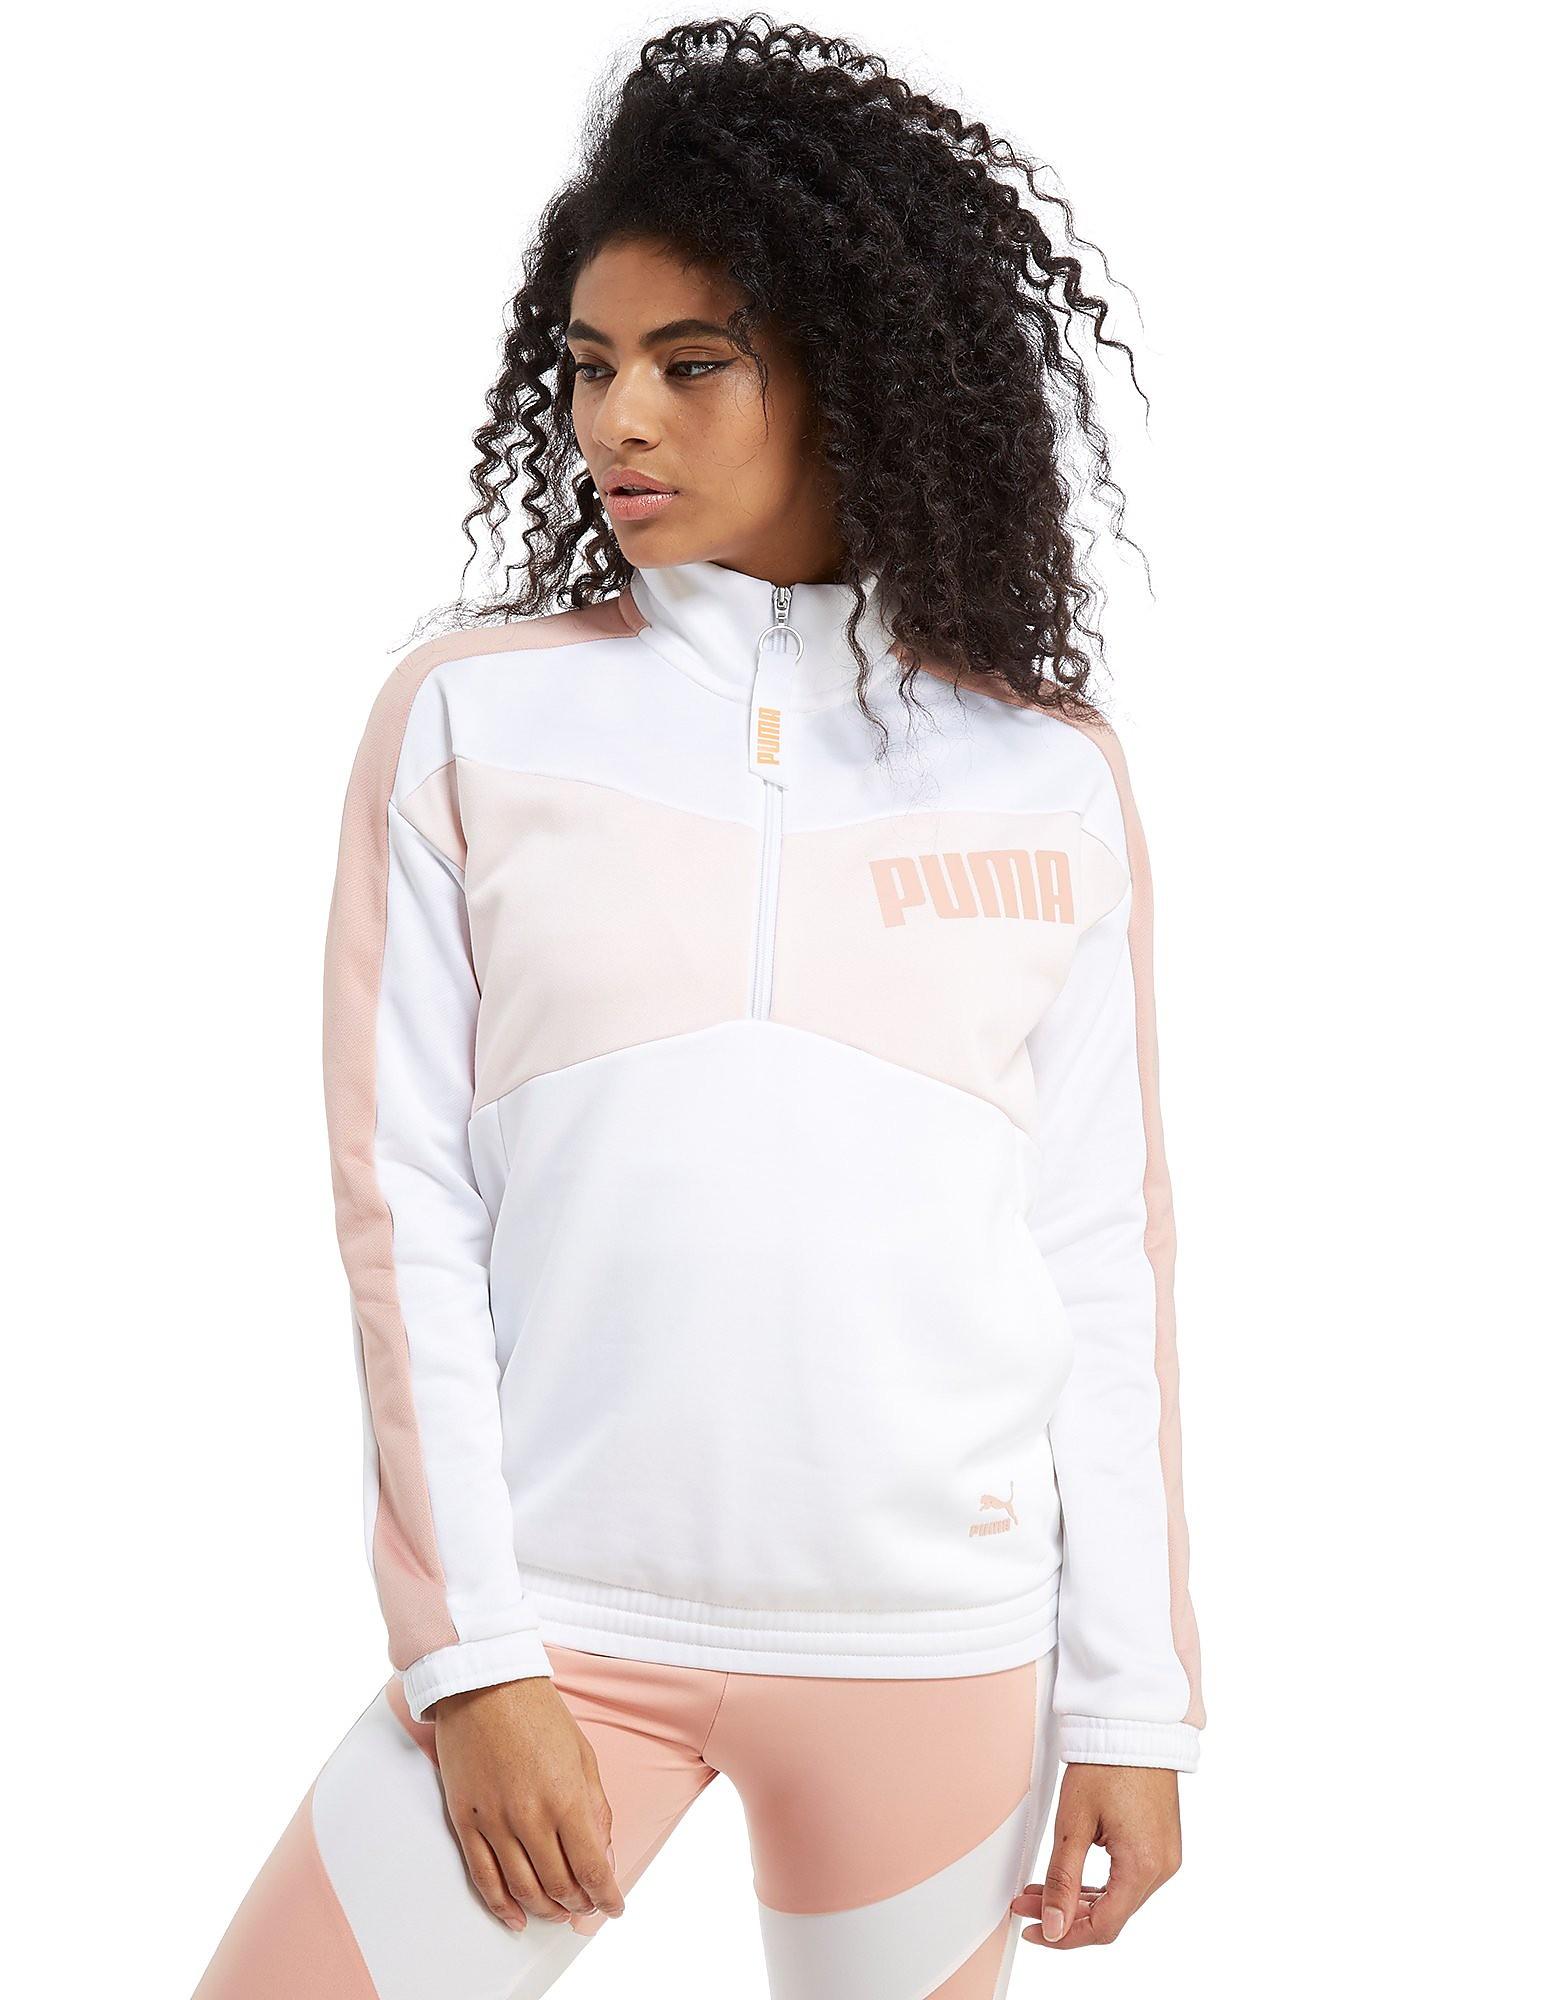 PUMA Archive 1/2 Zip Crew Sweatshirt